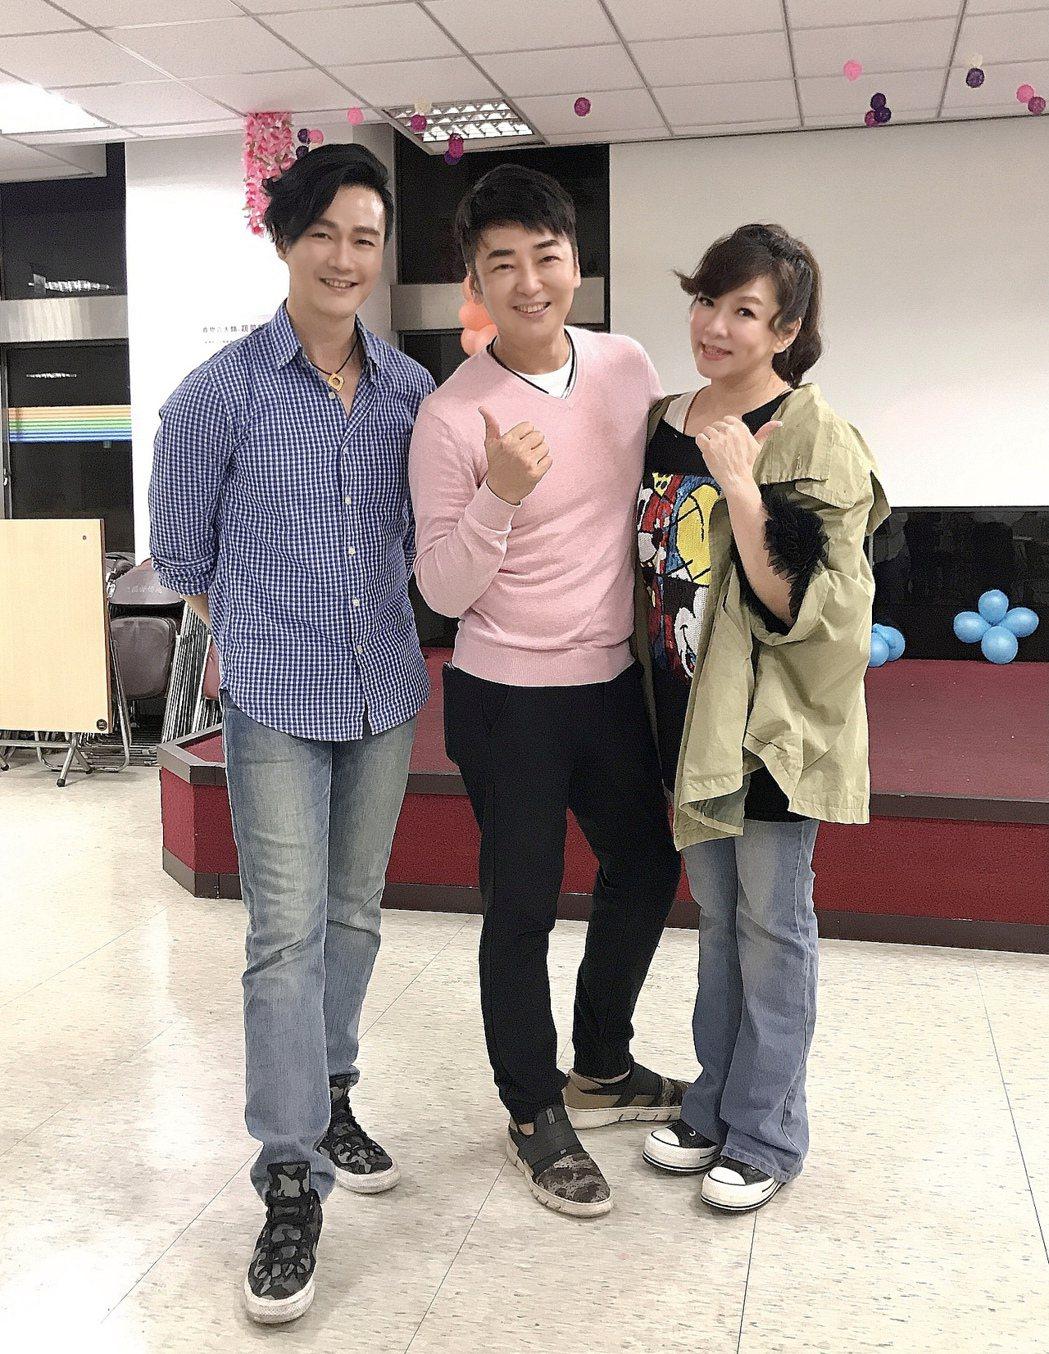 趙詠華(右)、林俊逸(左)應羅文聰之邀擔任歌唱班的客座導師。圖/遠雄創藝事業股份